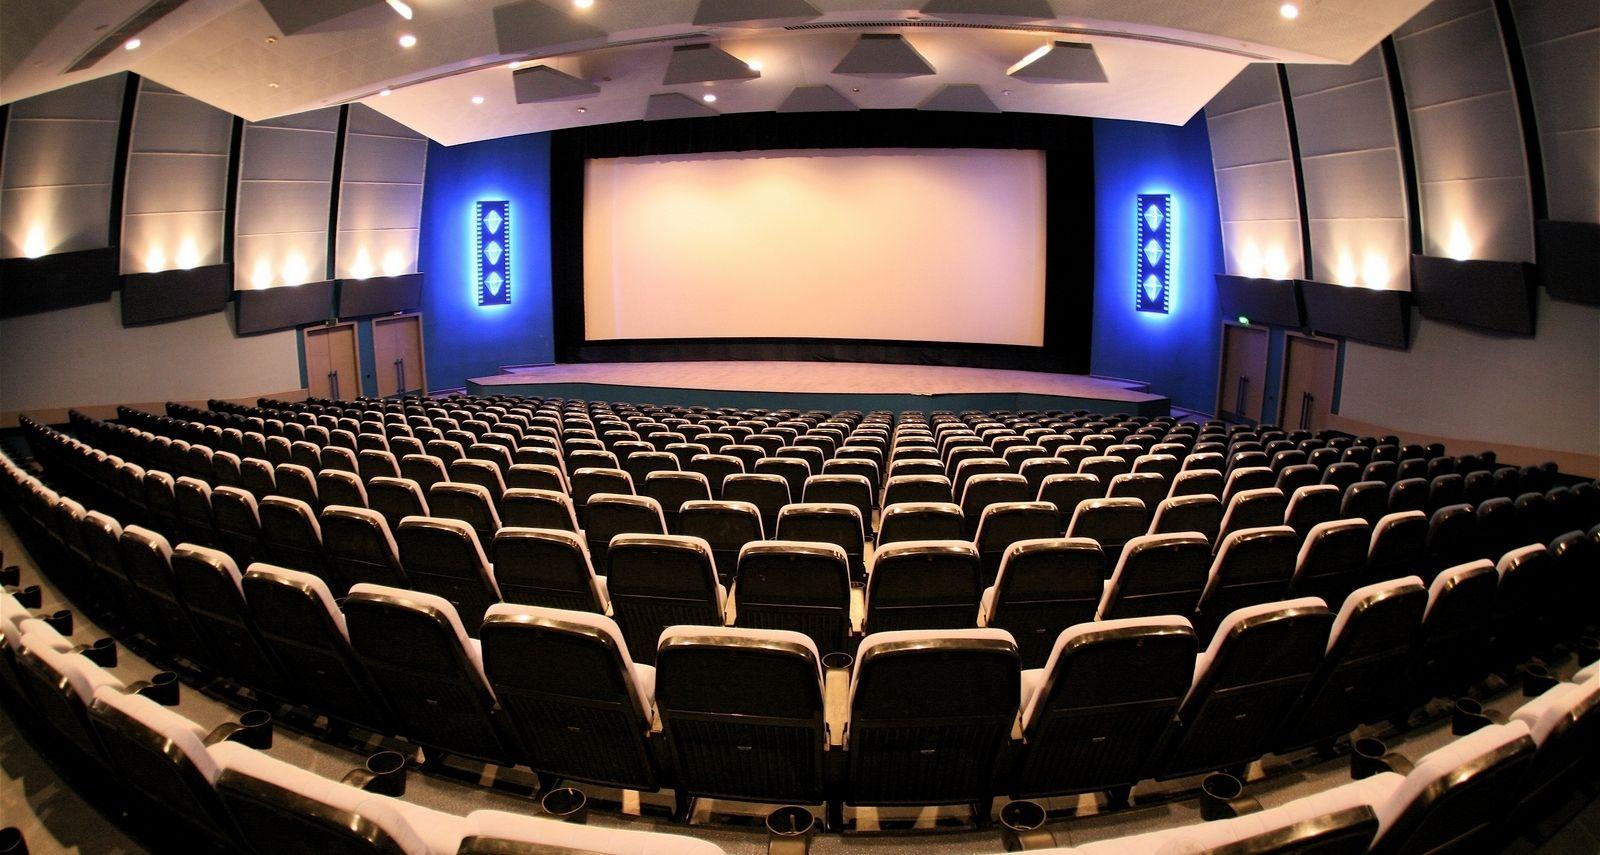 Театр бизнес план уведомление после открытие фирмы